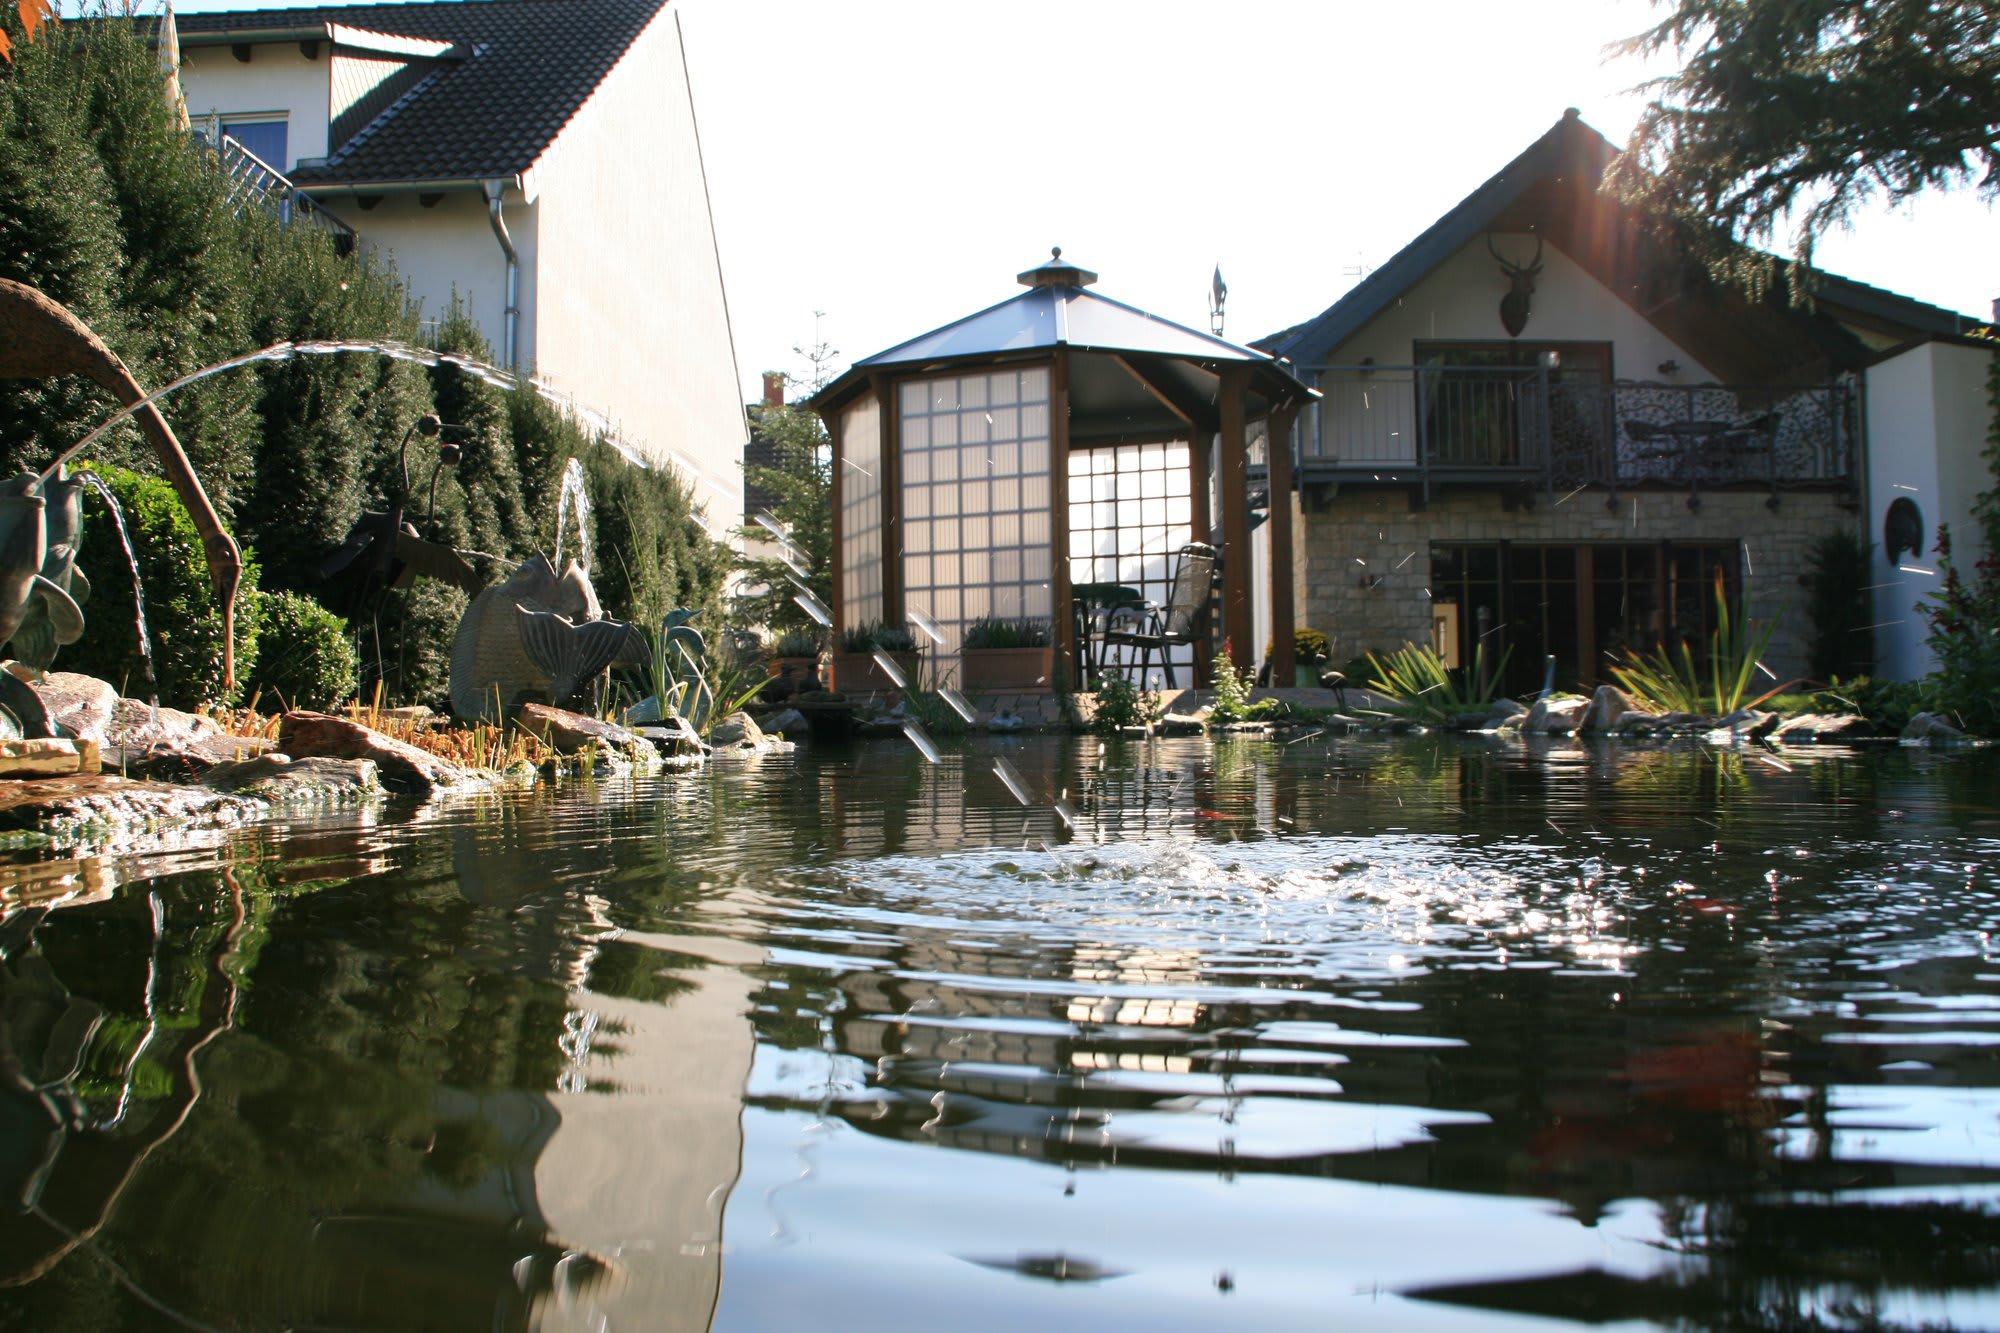 Garten mit Beregnung und Teich